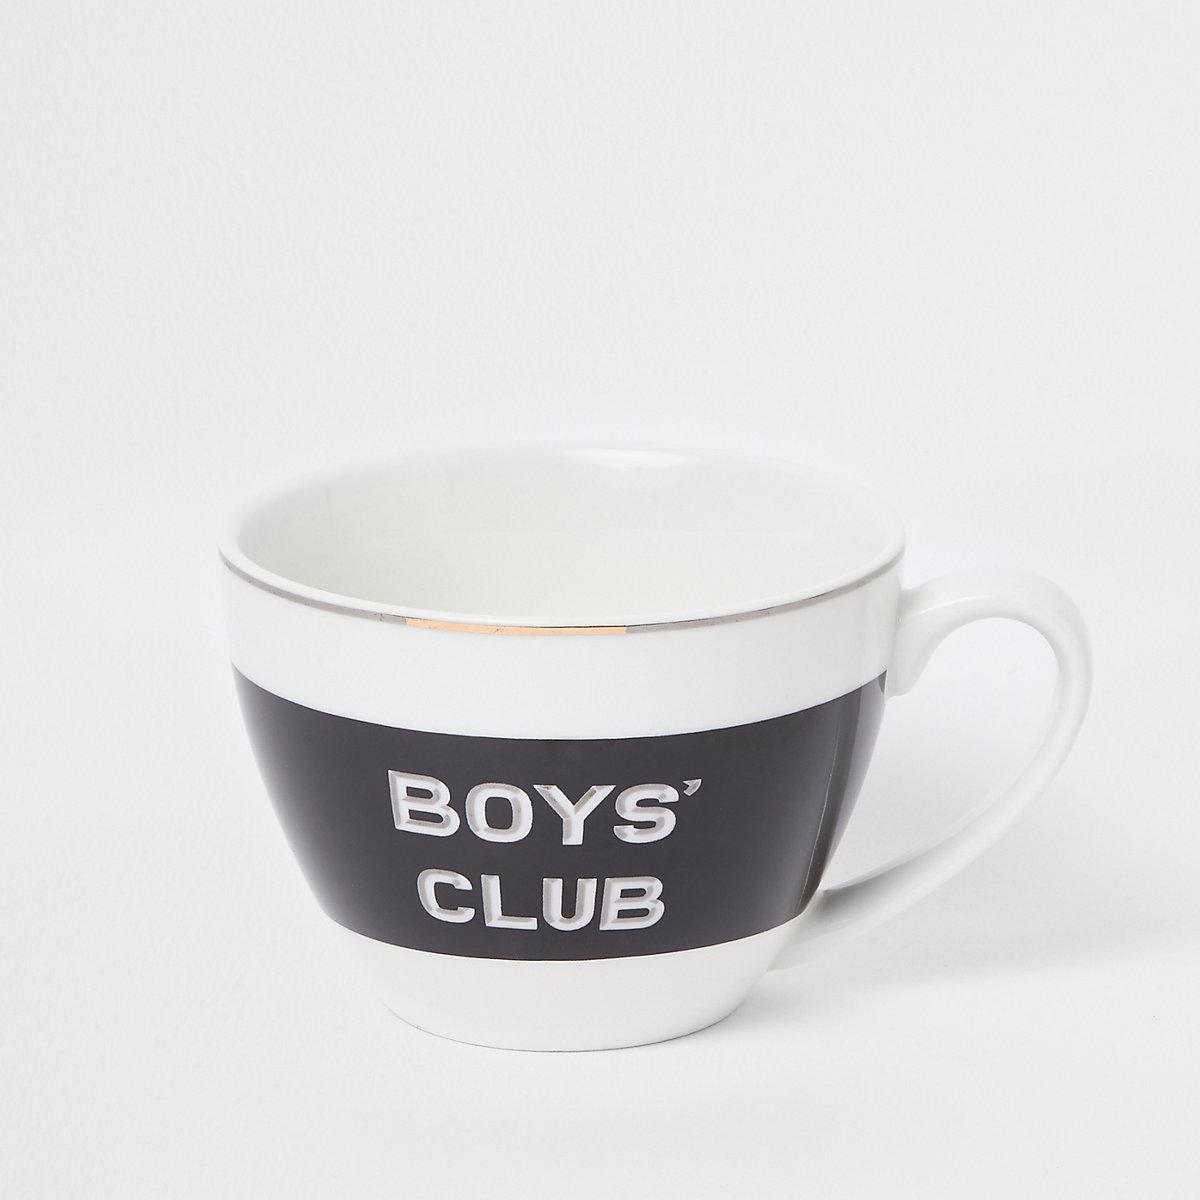 Black 'Boys club' bowl mug